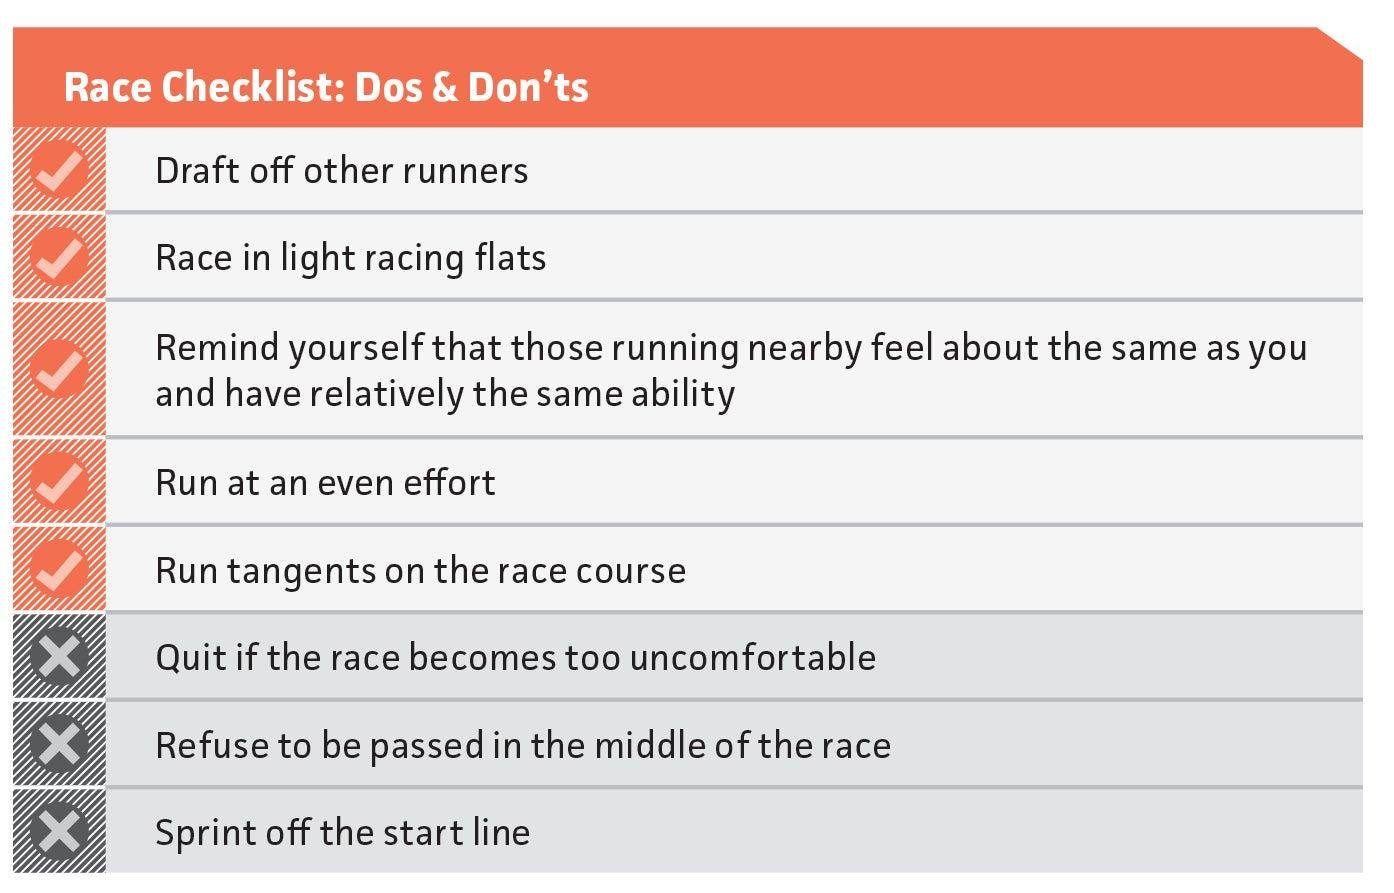 5k racing guidelines